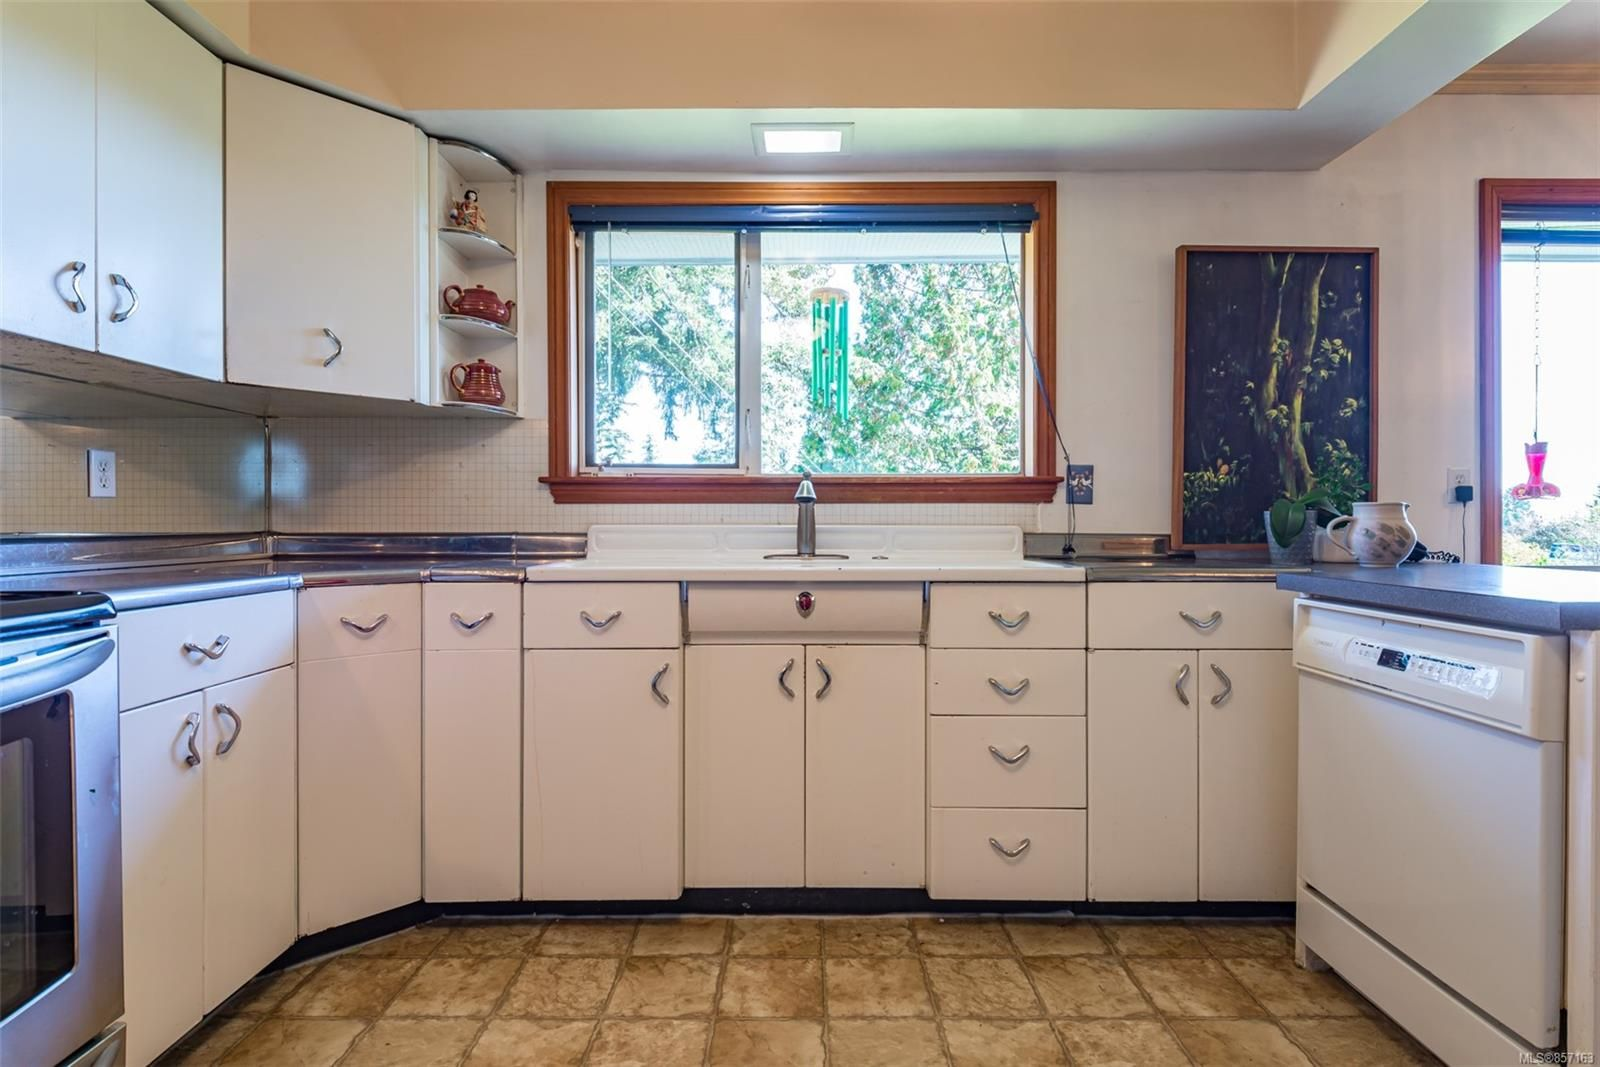 Photo 20: Photos: 4241 Buddington Rd in : CV Courtenay South House for sale (Comox Valley)  : MLS®# 857163